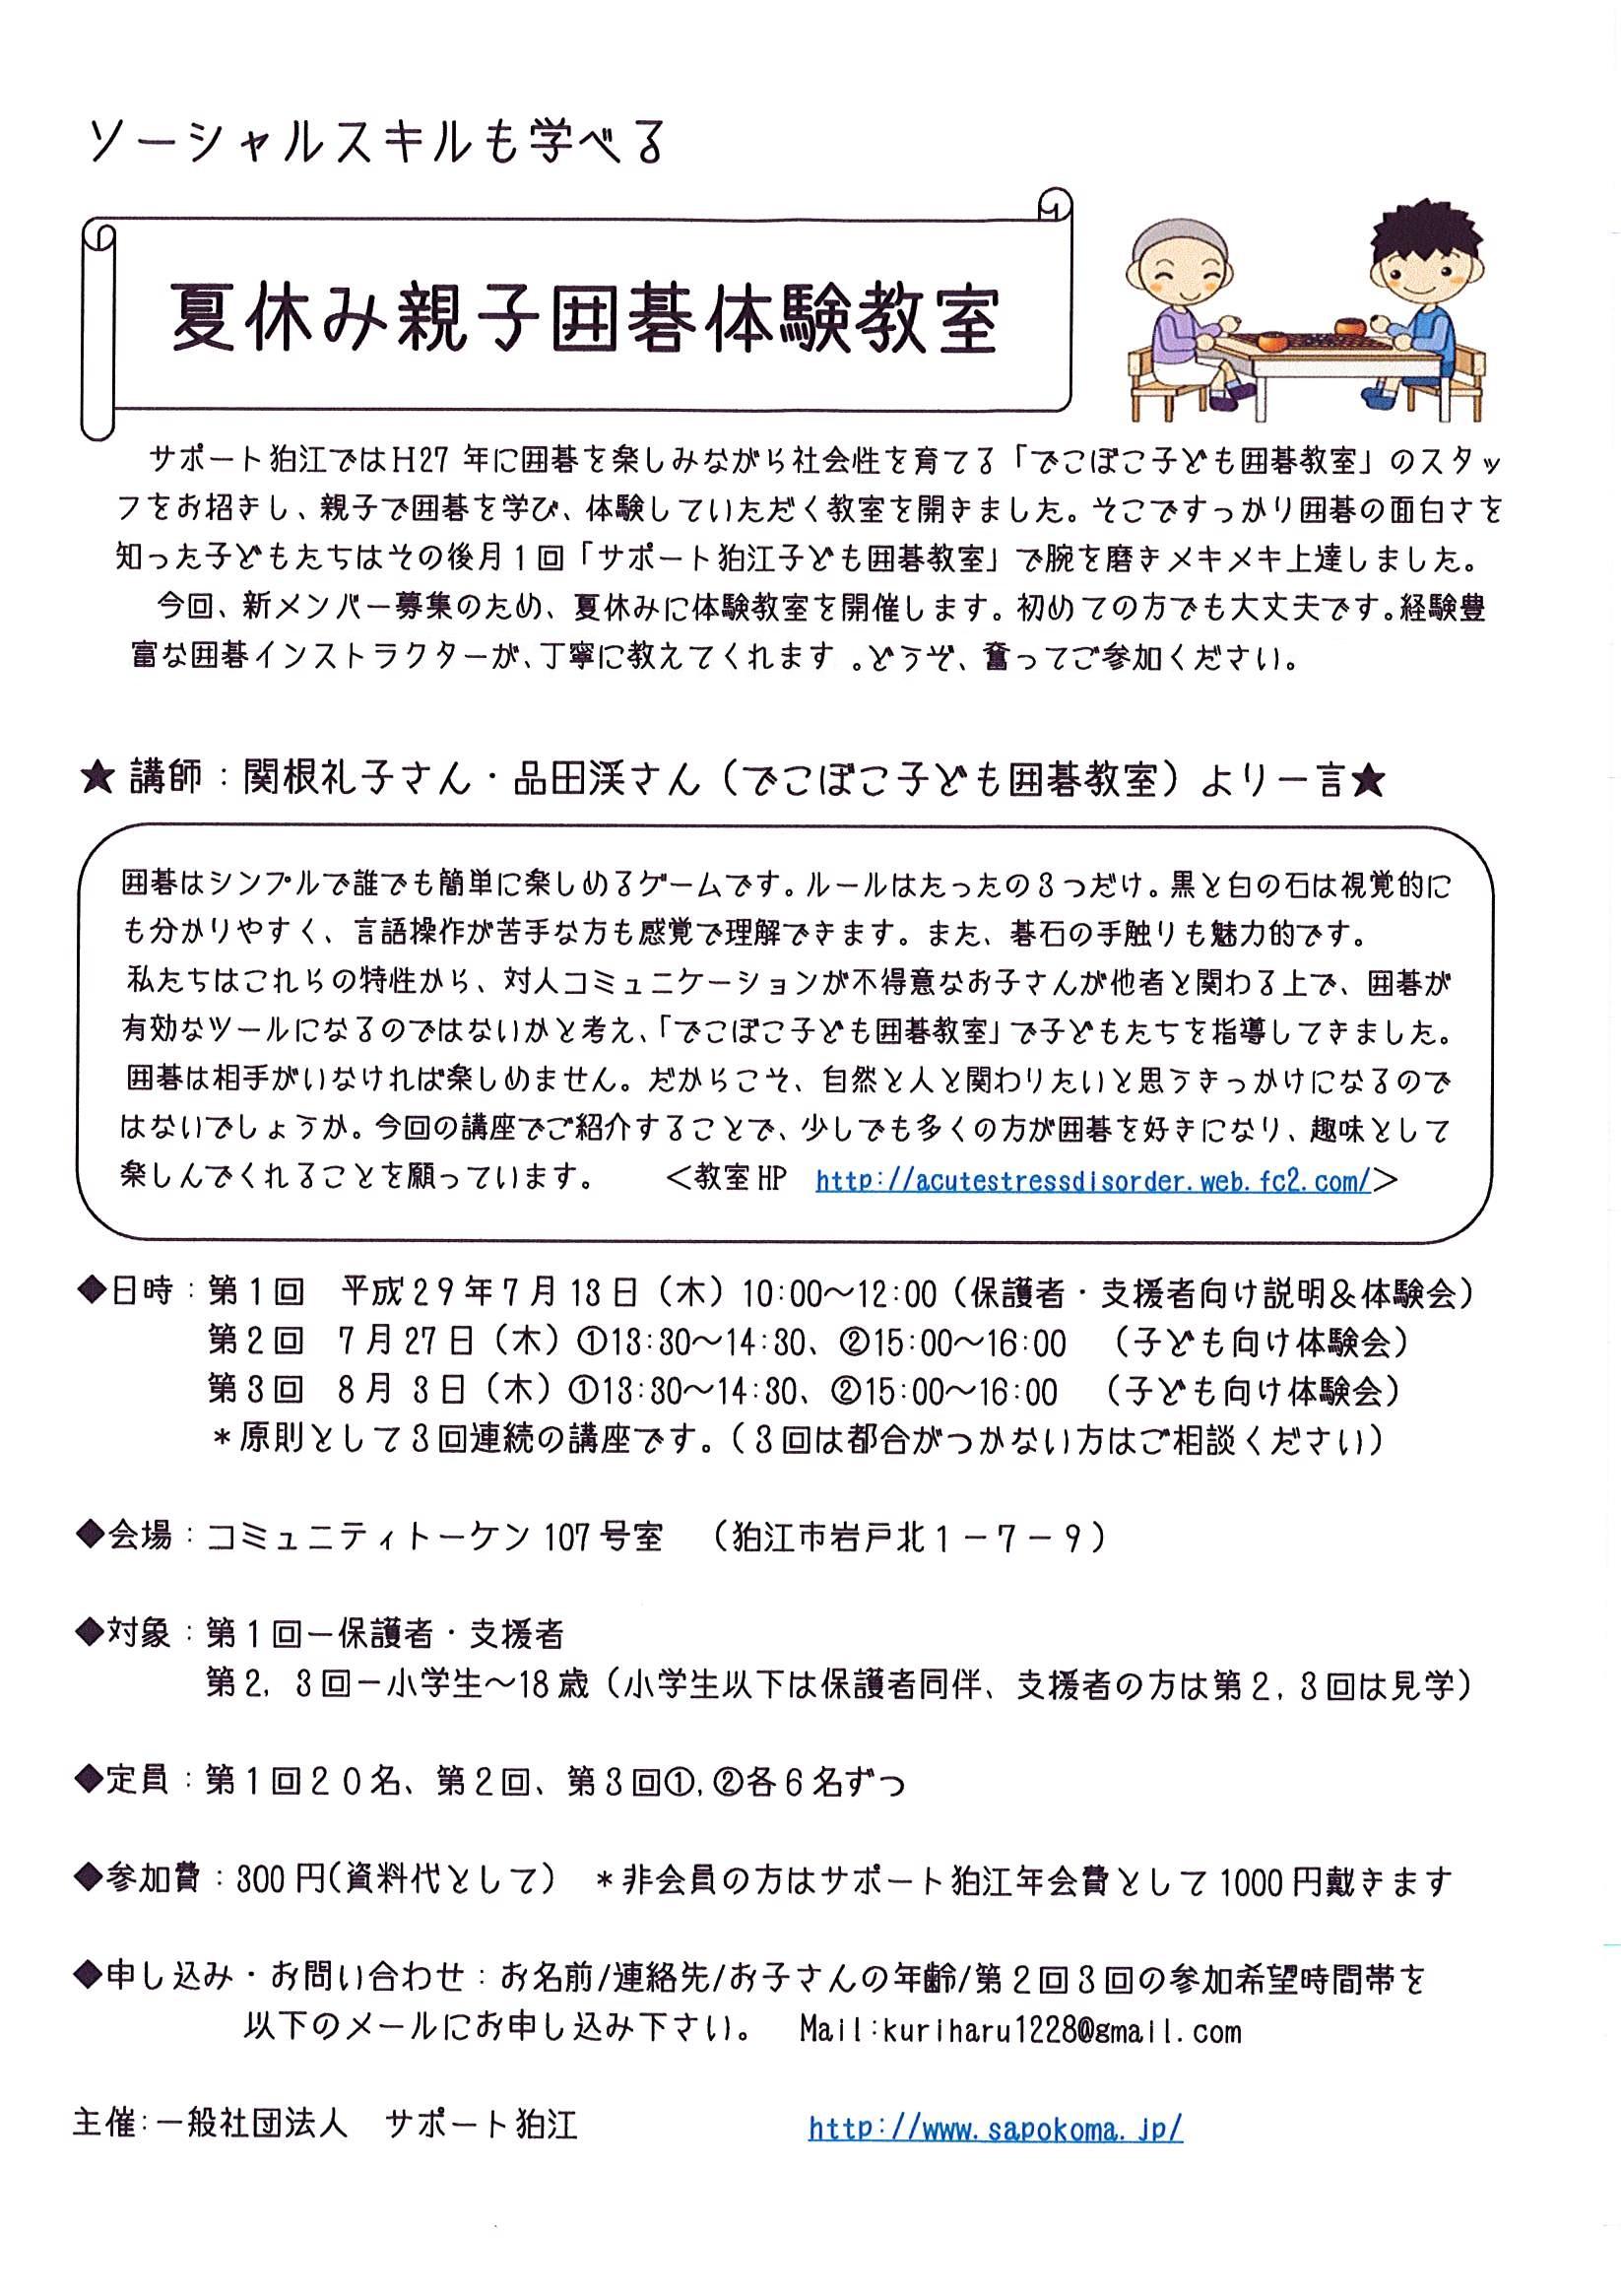 夏休み親子囲碁体験教室 ~ソーシャルスキルも学べる~ @ コミュニティトーケン107号室 | 狛江市 | 東京都 | 日本